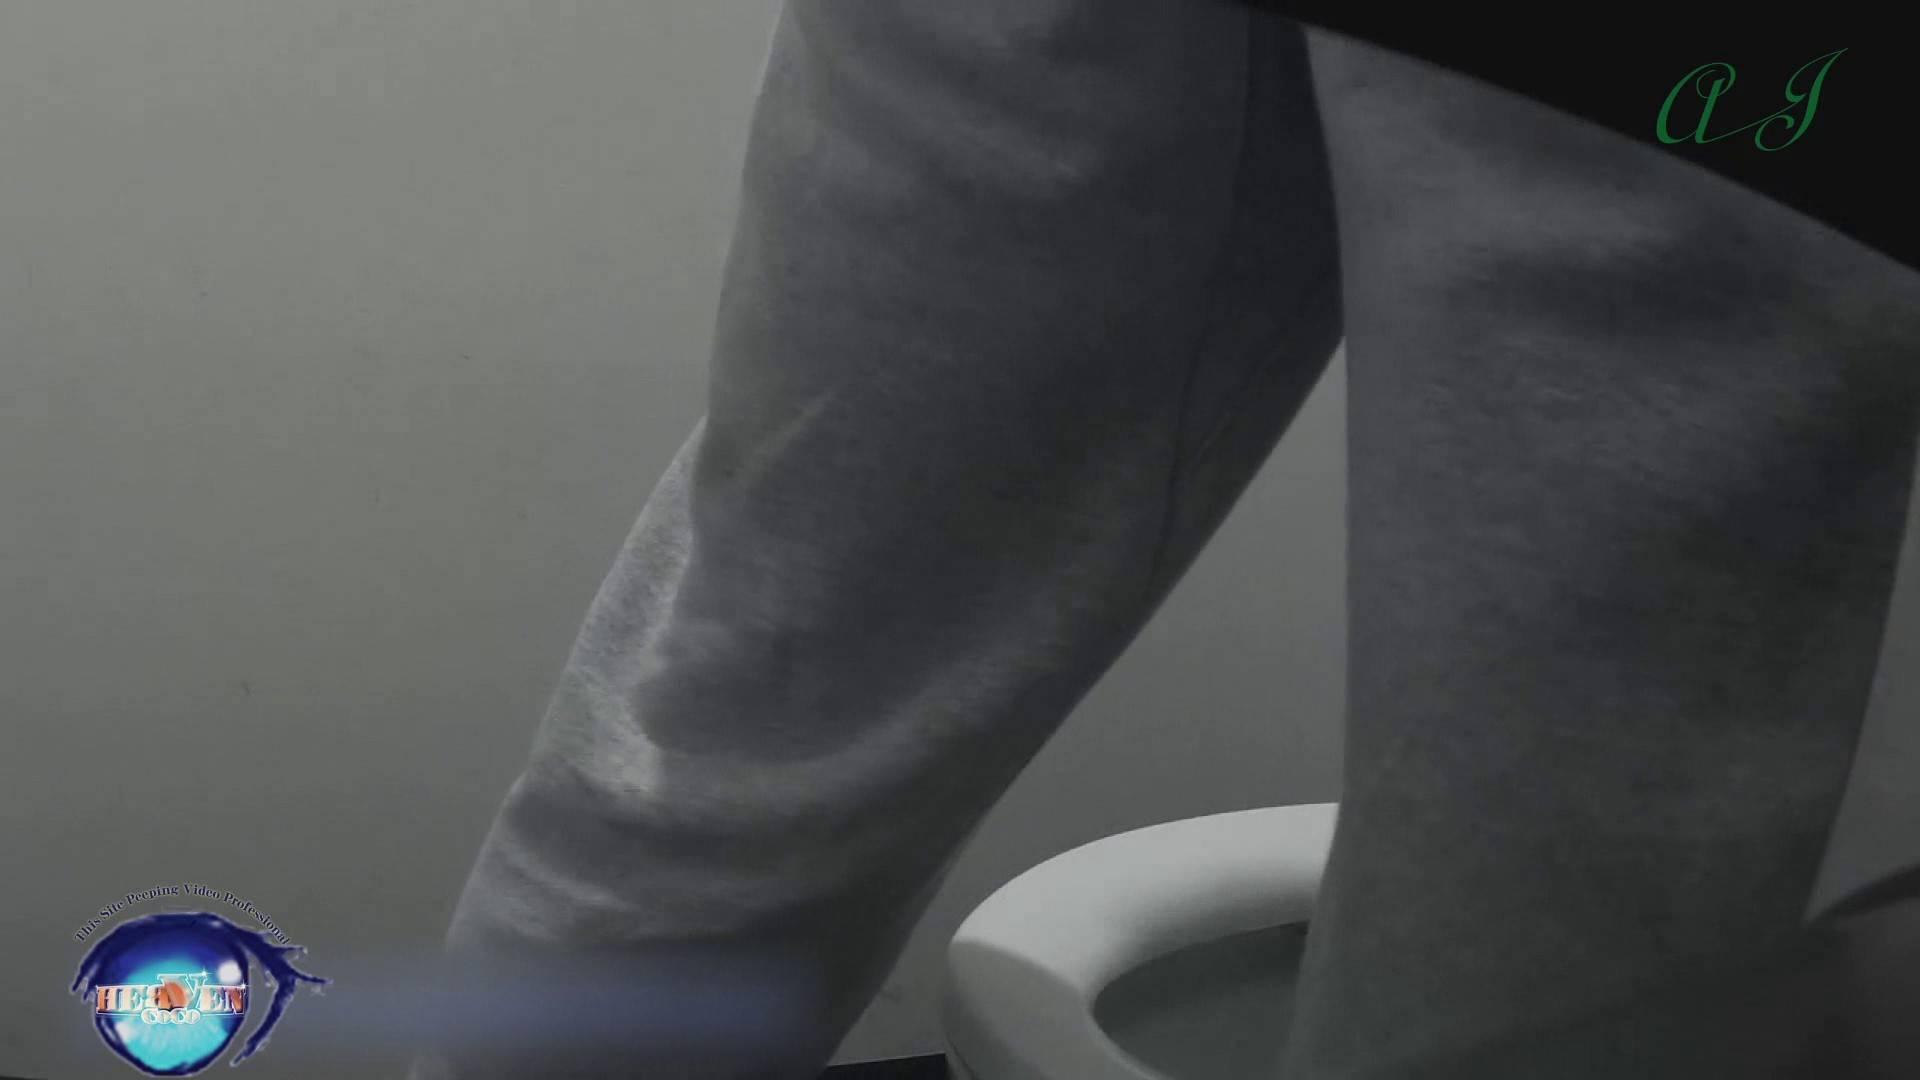 有名大学女性洗面所 vol.71 美女学生さんの潜入盗撮!前編 0  93連発 40